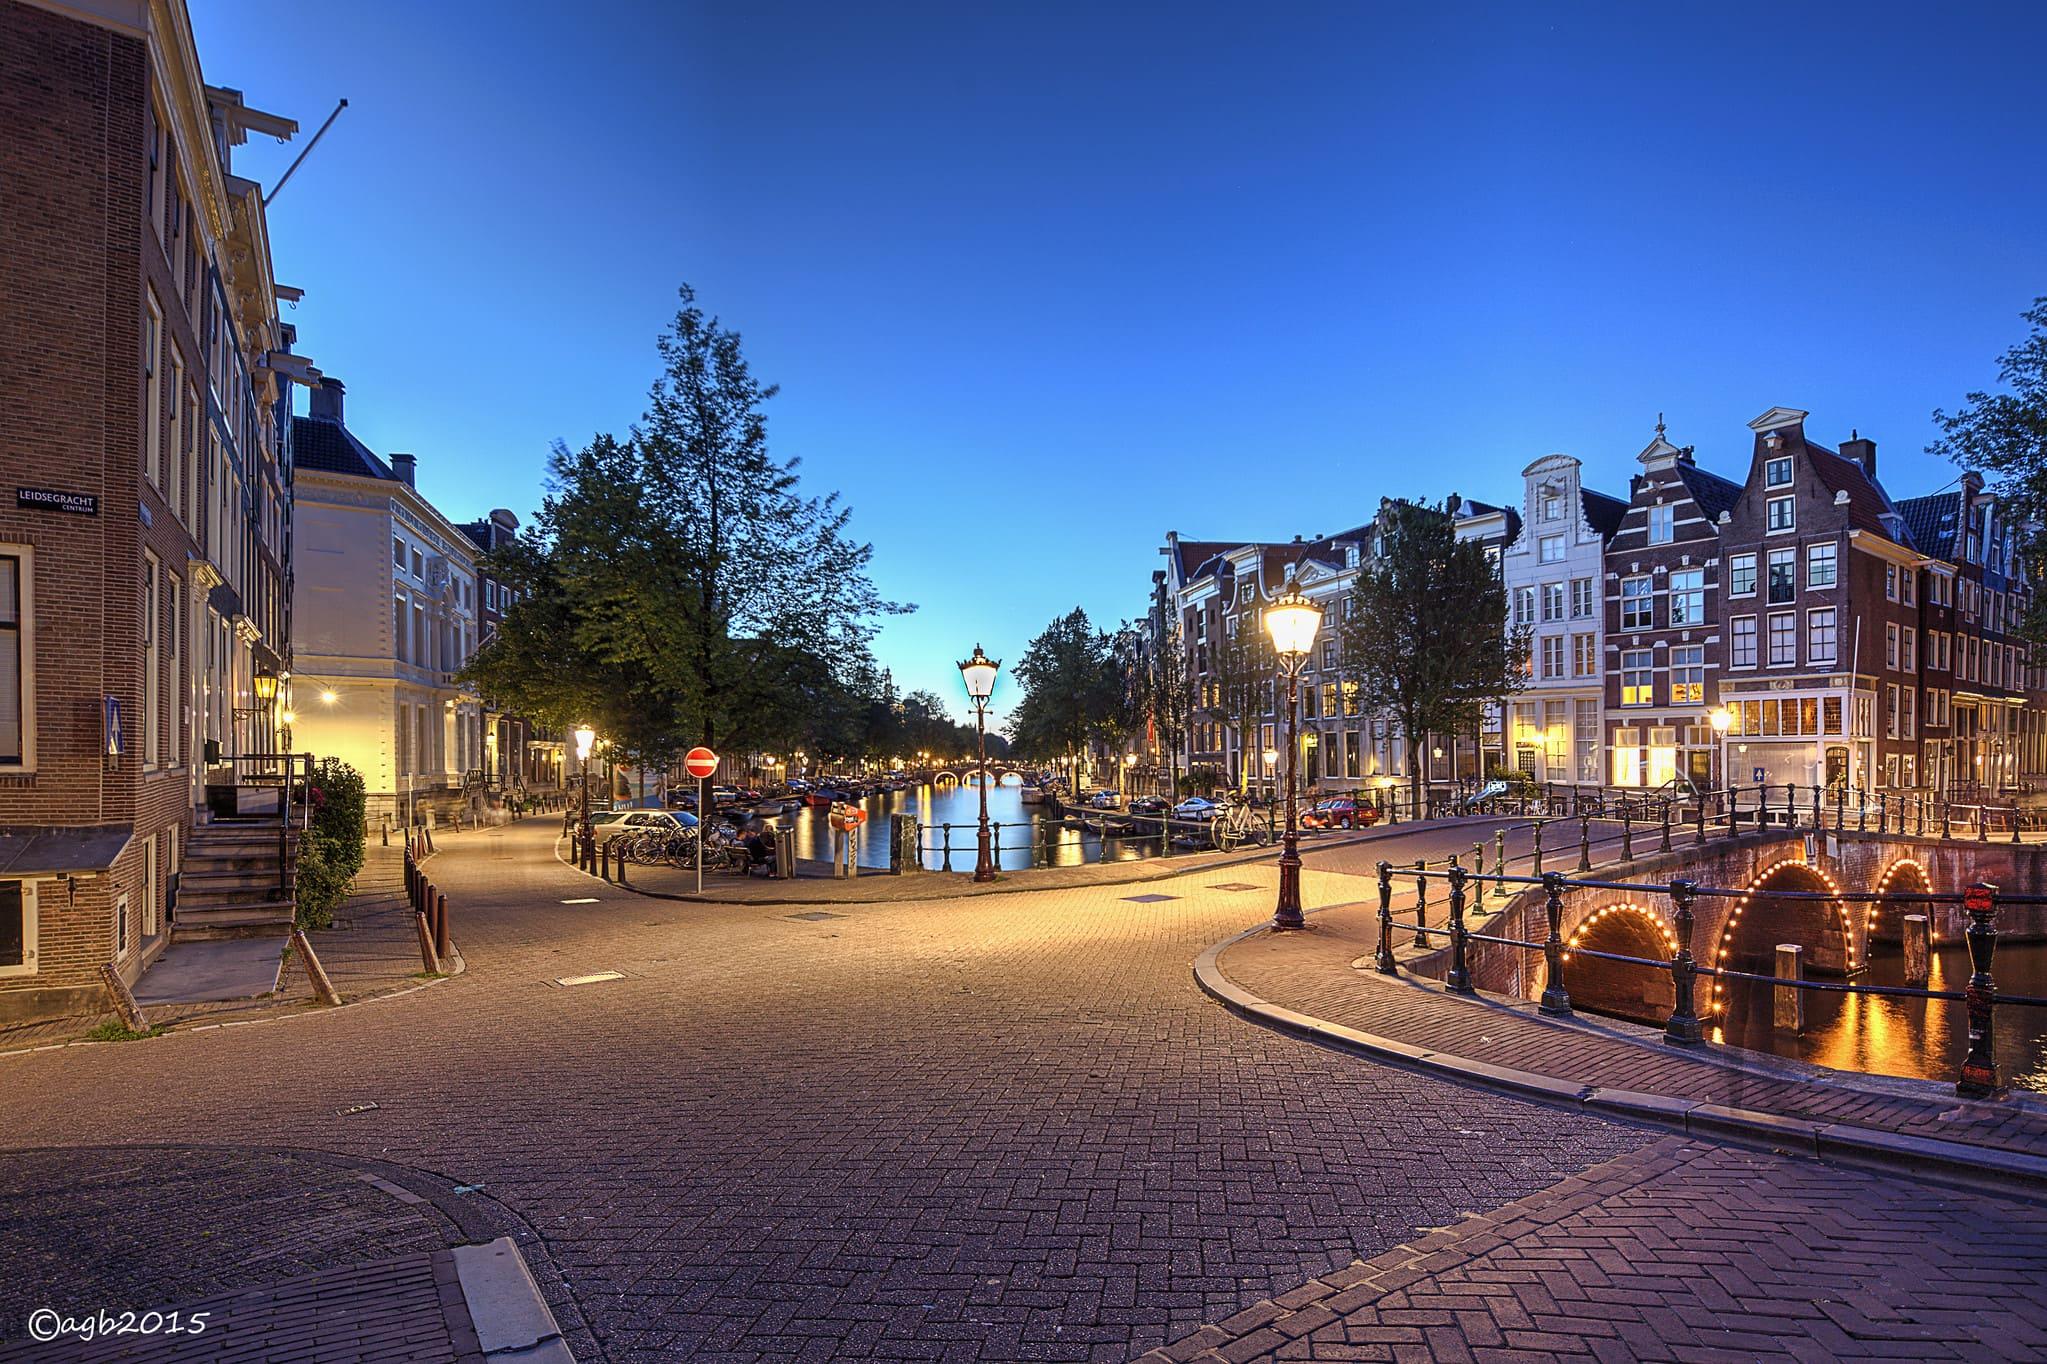 Canal_de_Keizersgracht_Amsterdam